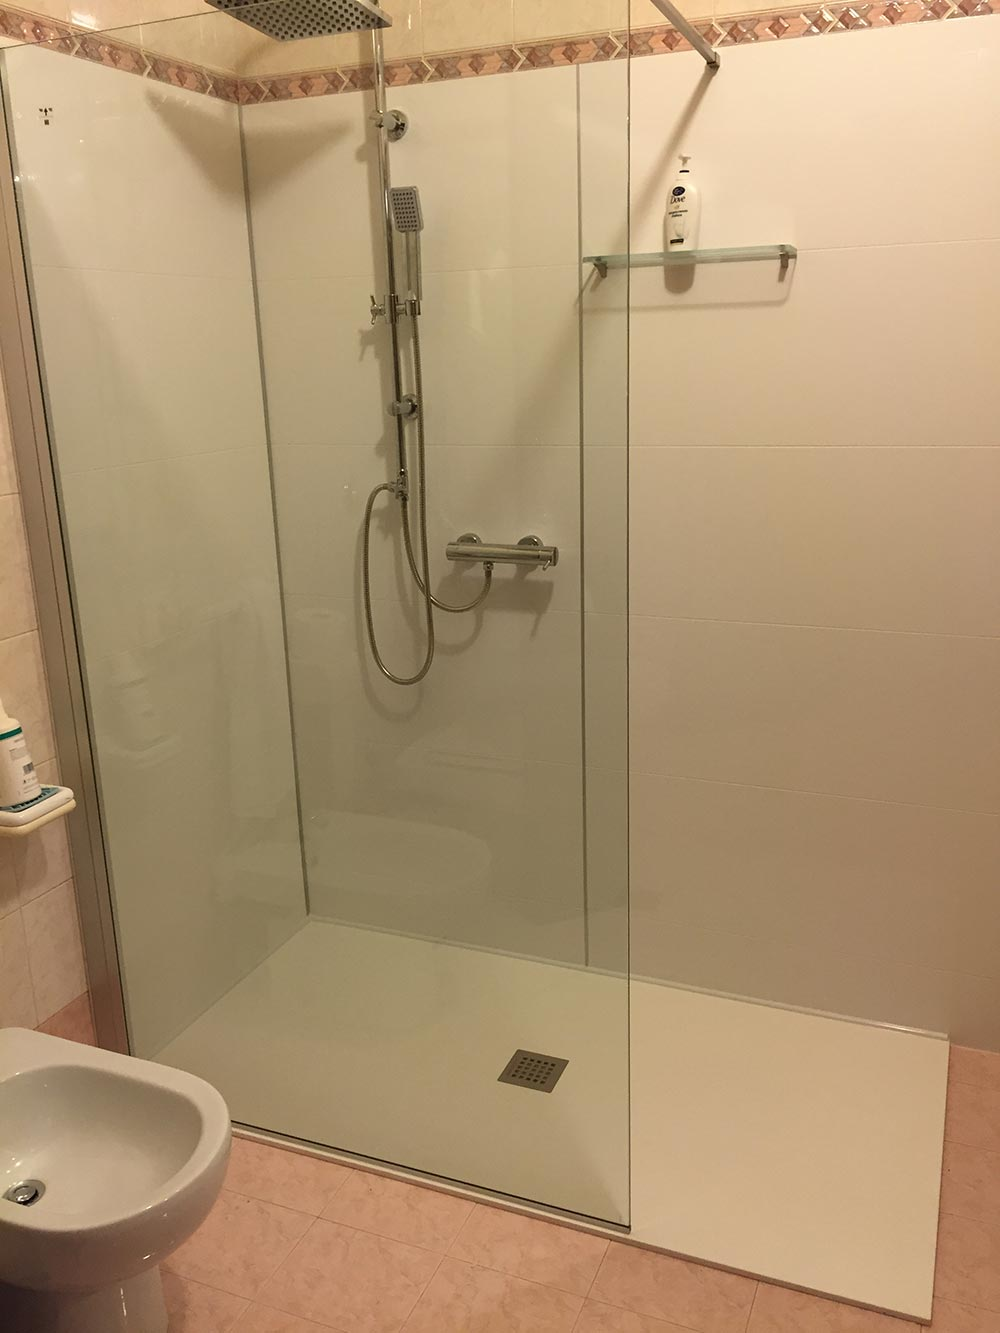 PIATTO DOCCIA FILO PAVIMENTO - piatto doccia per disabili